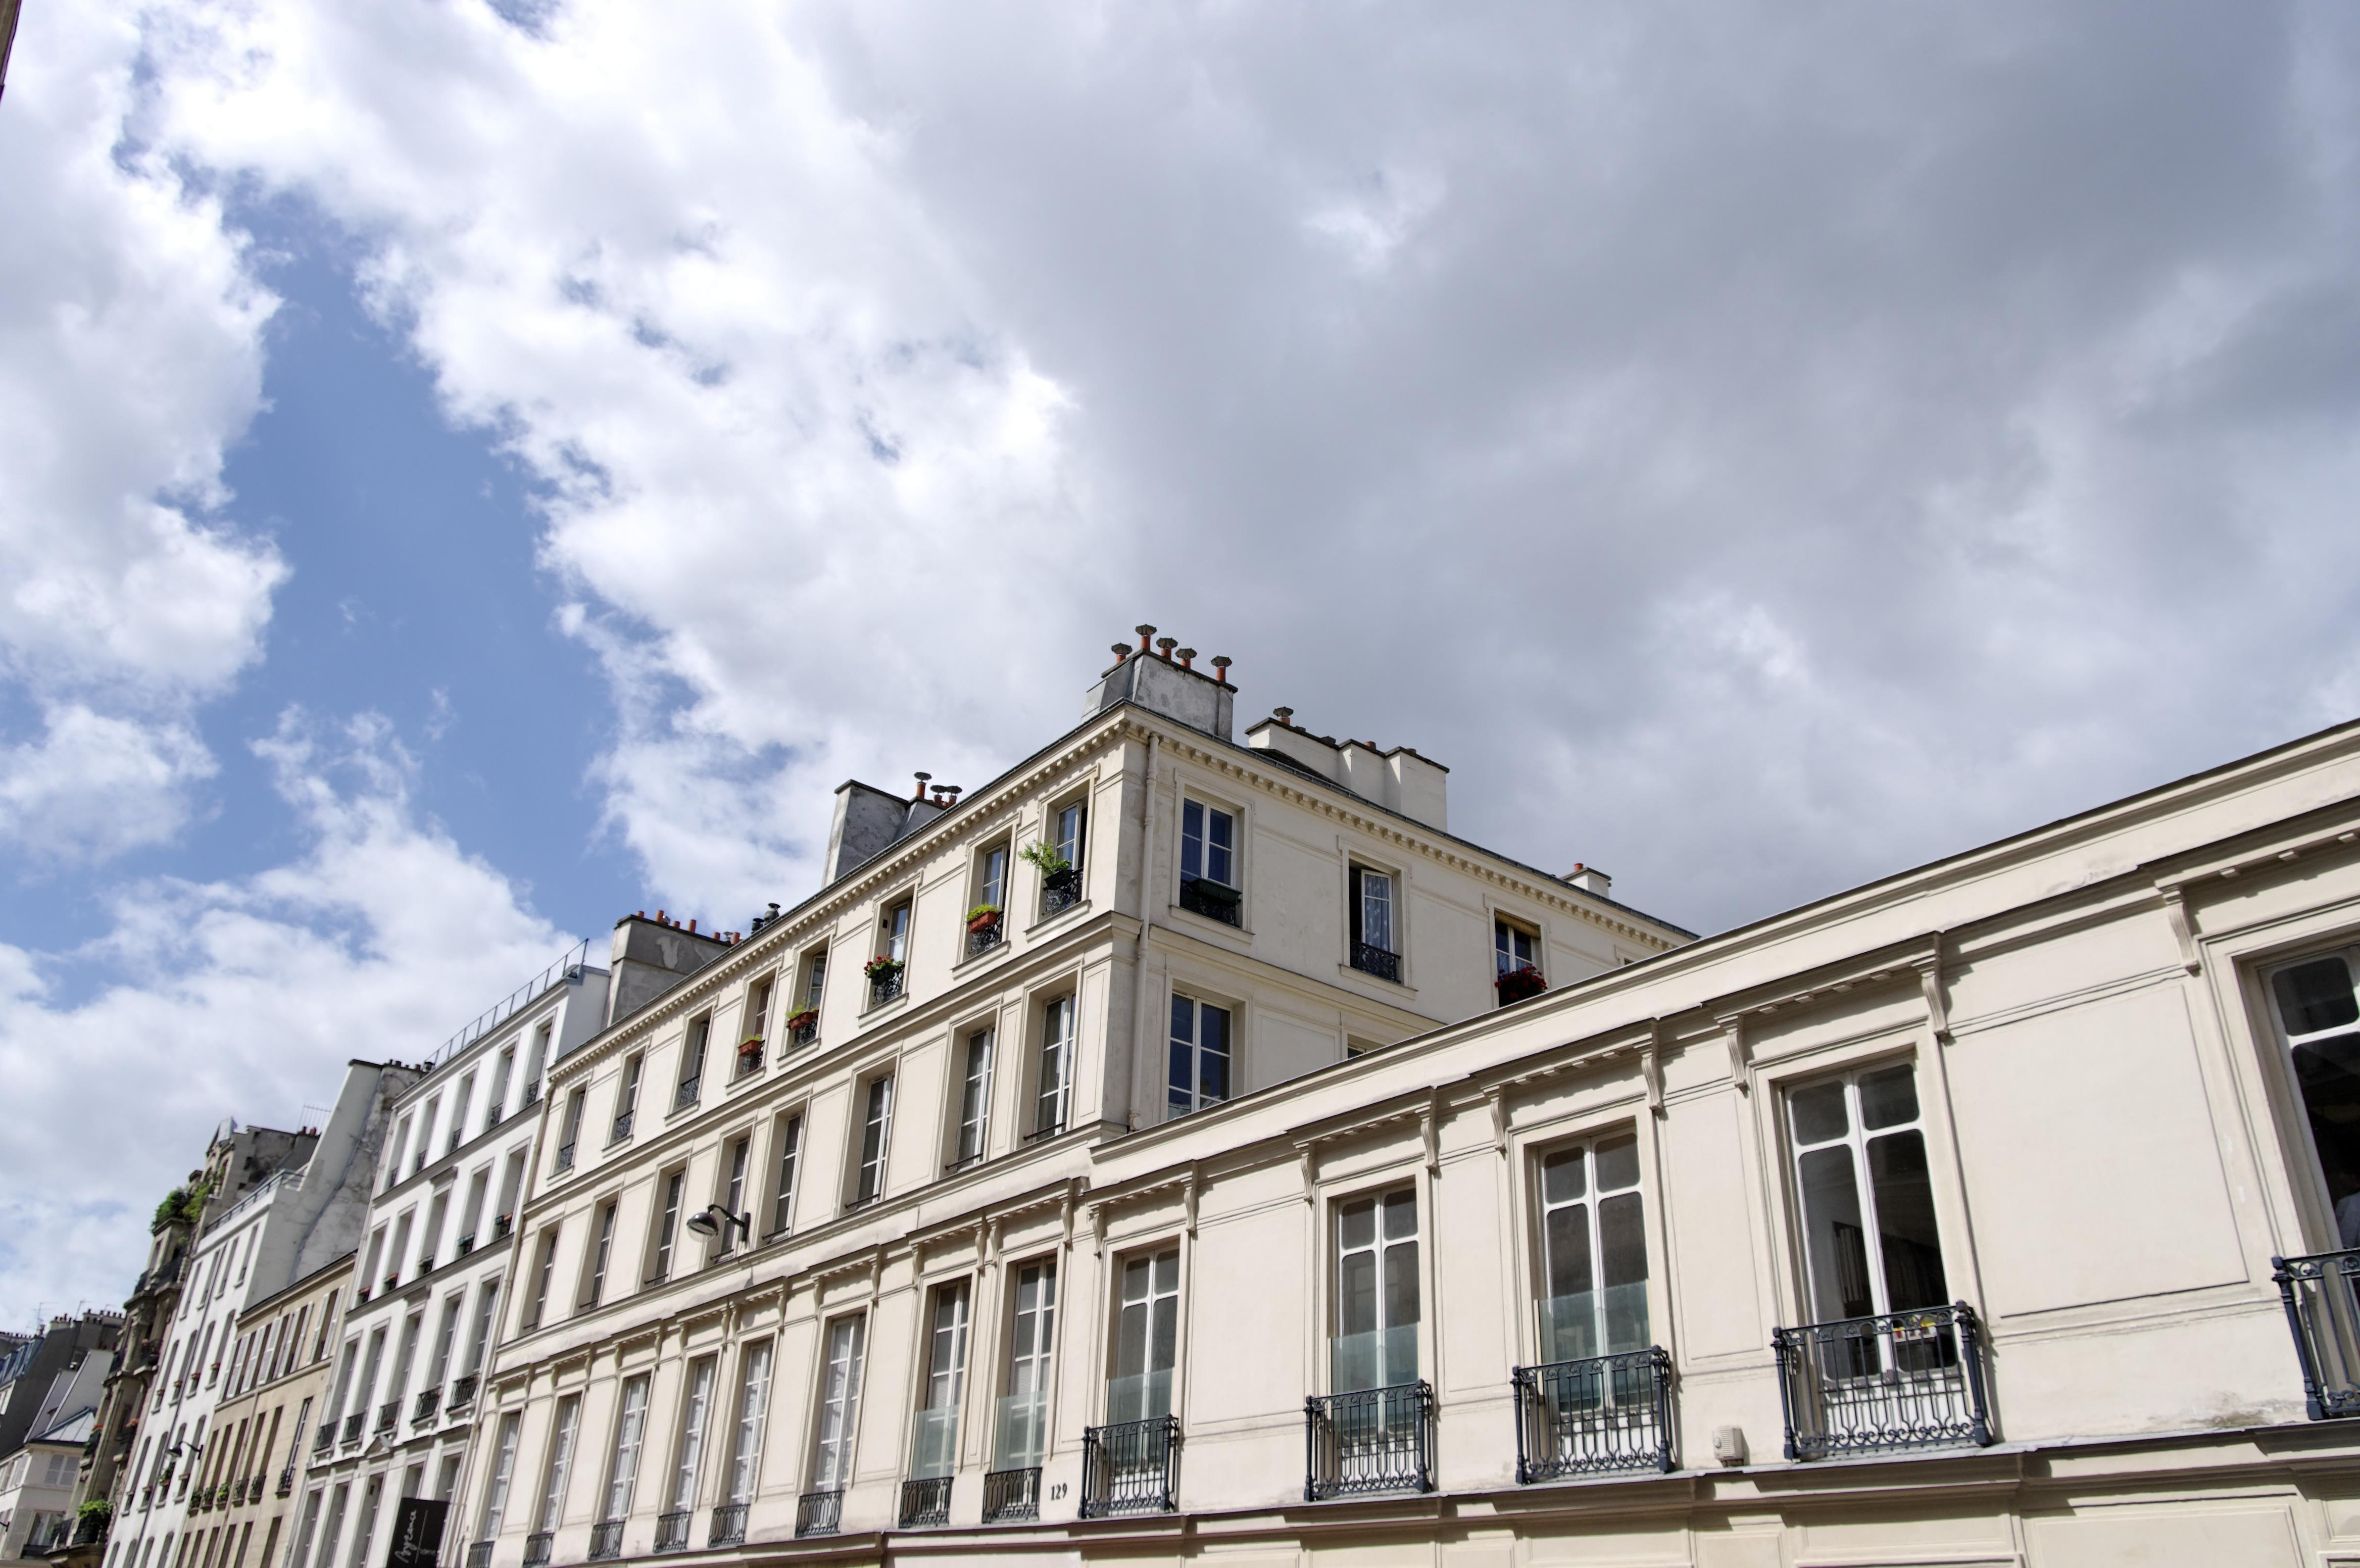 Immeuble dans une rue de Paris, ciel nuageux.